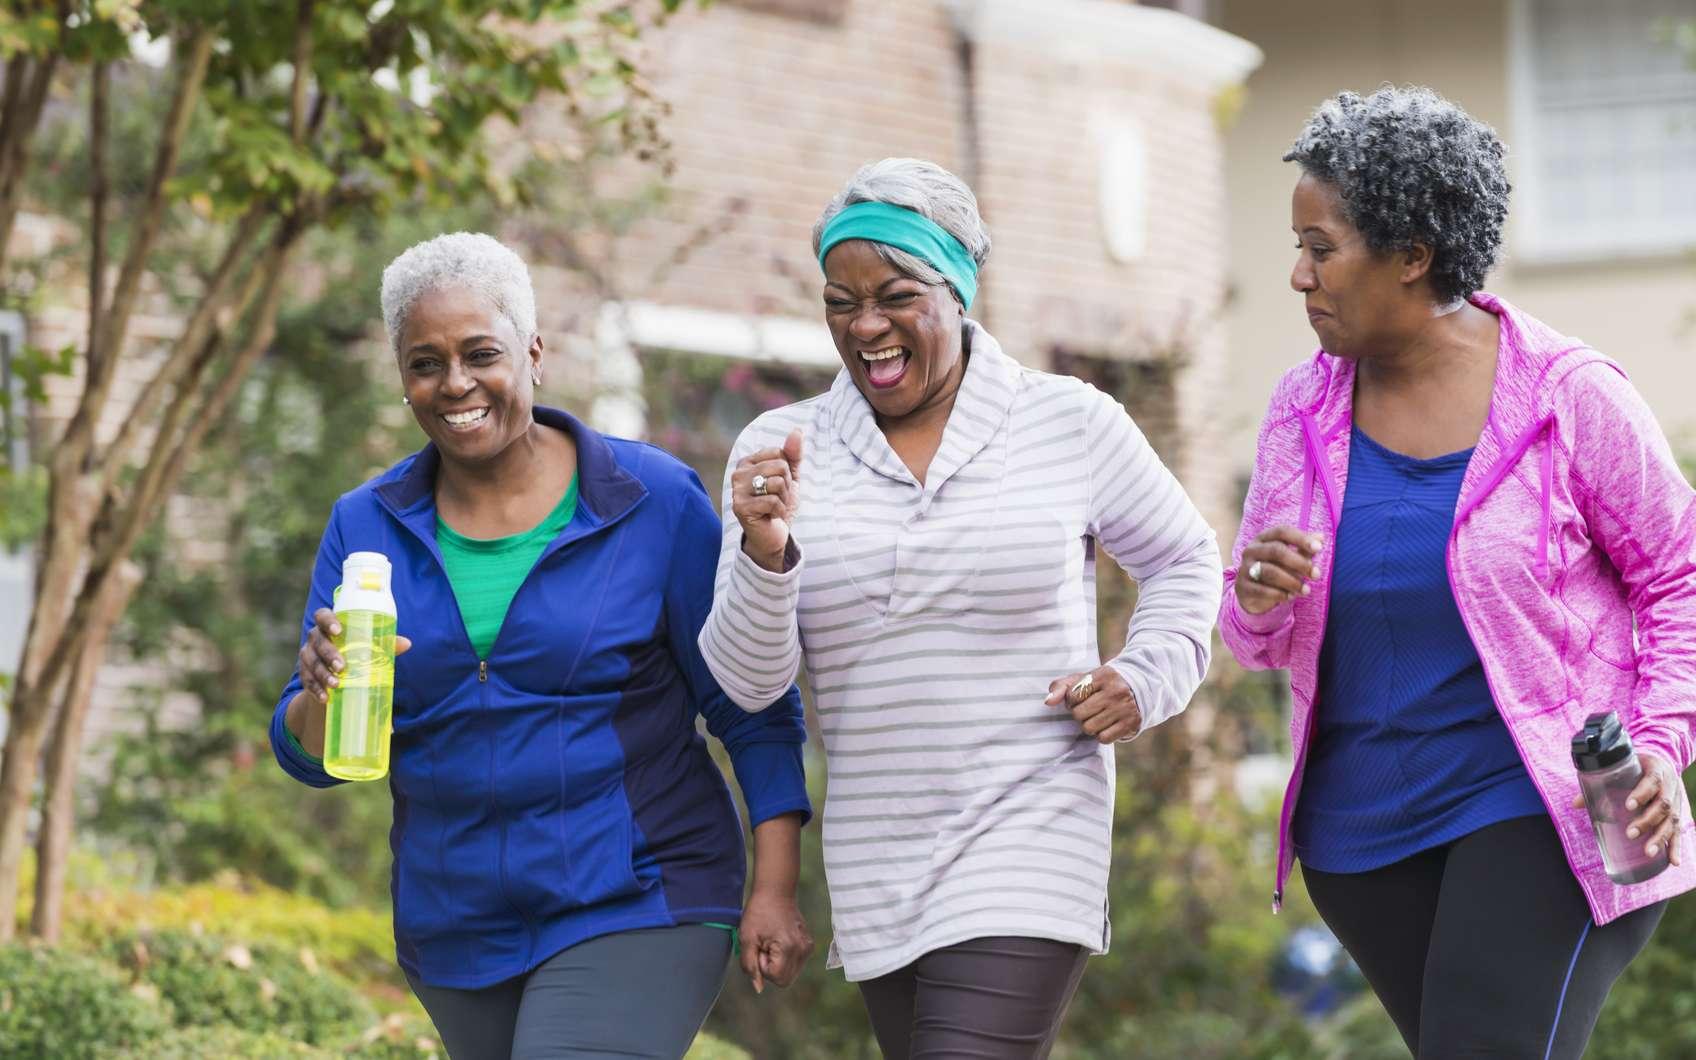 La marche est une activité physique bonne pour la santé. © Susan Chiang, Istock.com